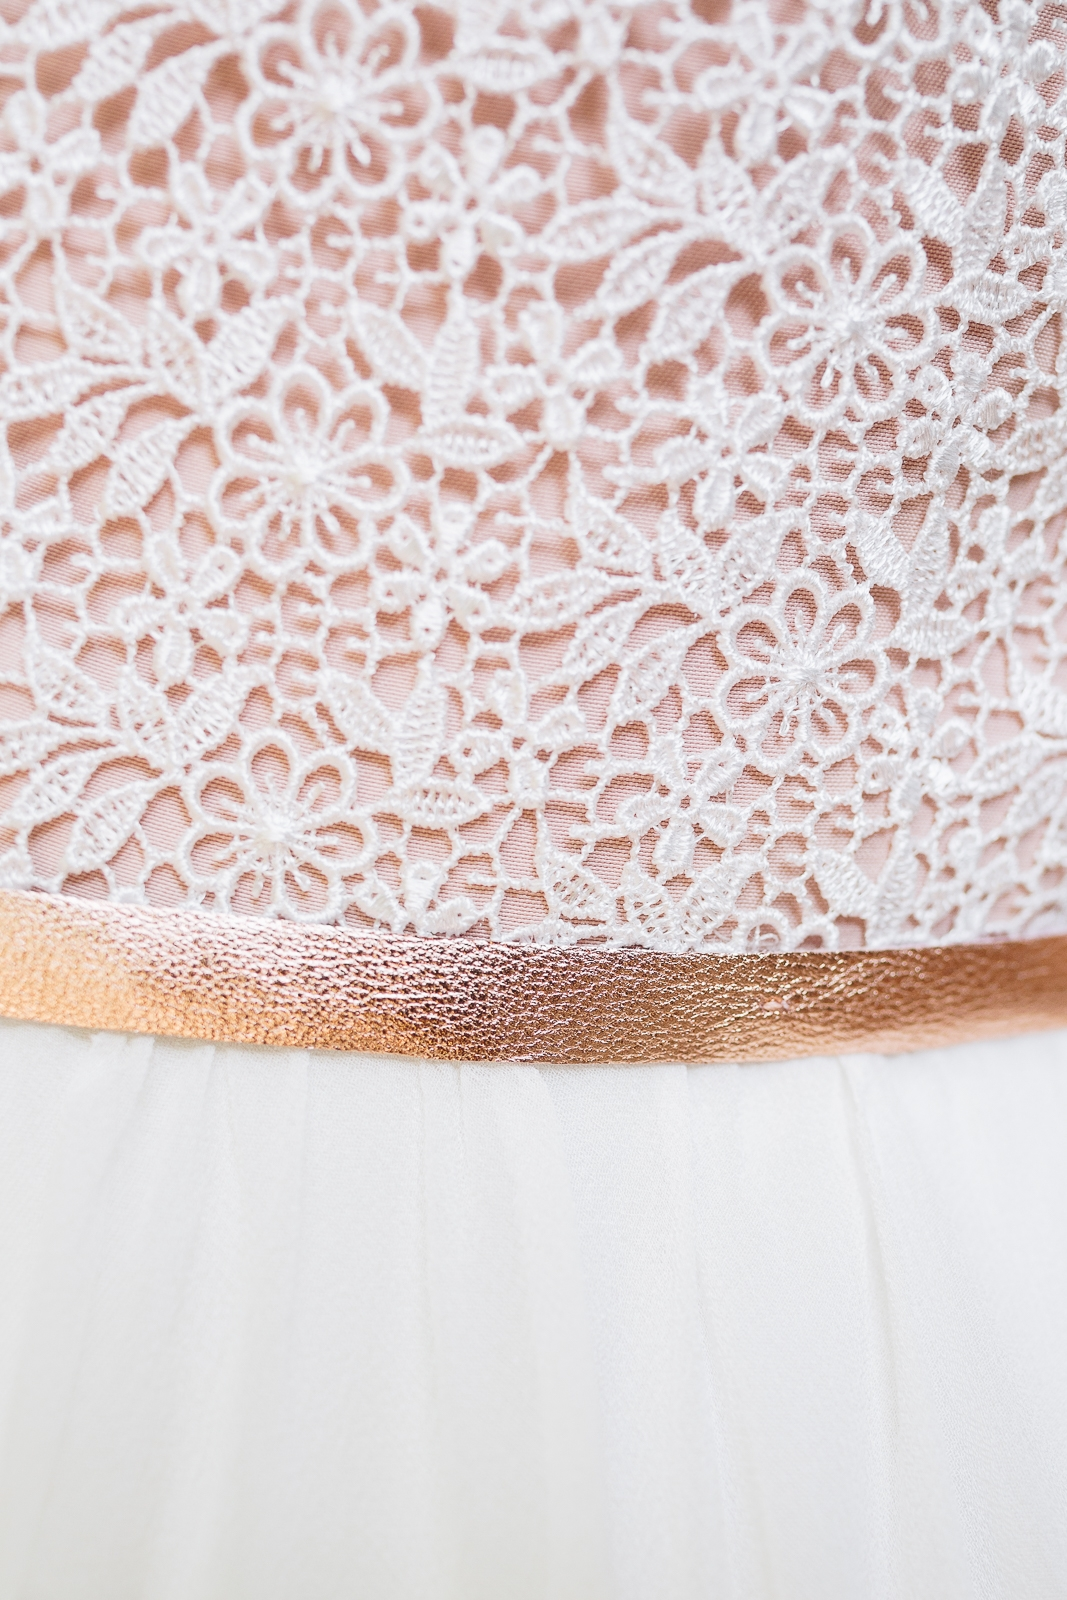 noni Brautkleider 2018 - jetzt entdecken! | Brautkleid kurz, mit Spitze, Nude und Rosègold (Foto: Le Hai Linh)